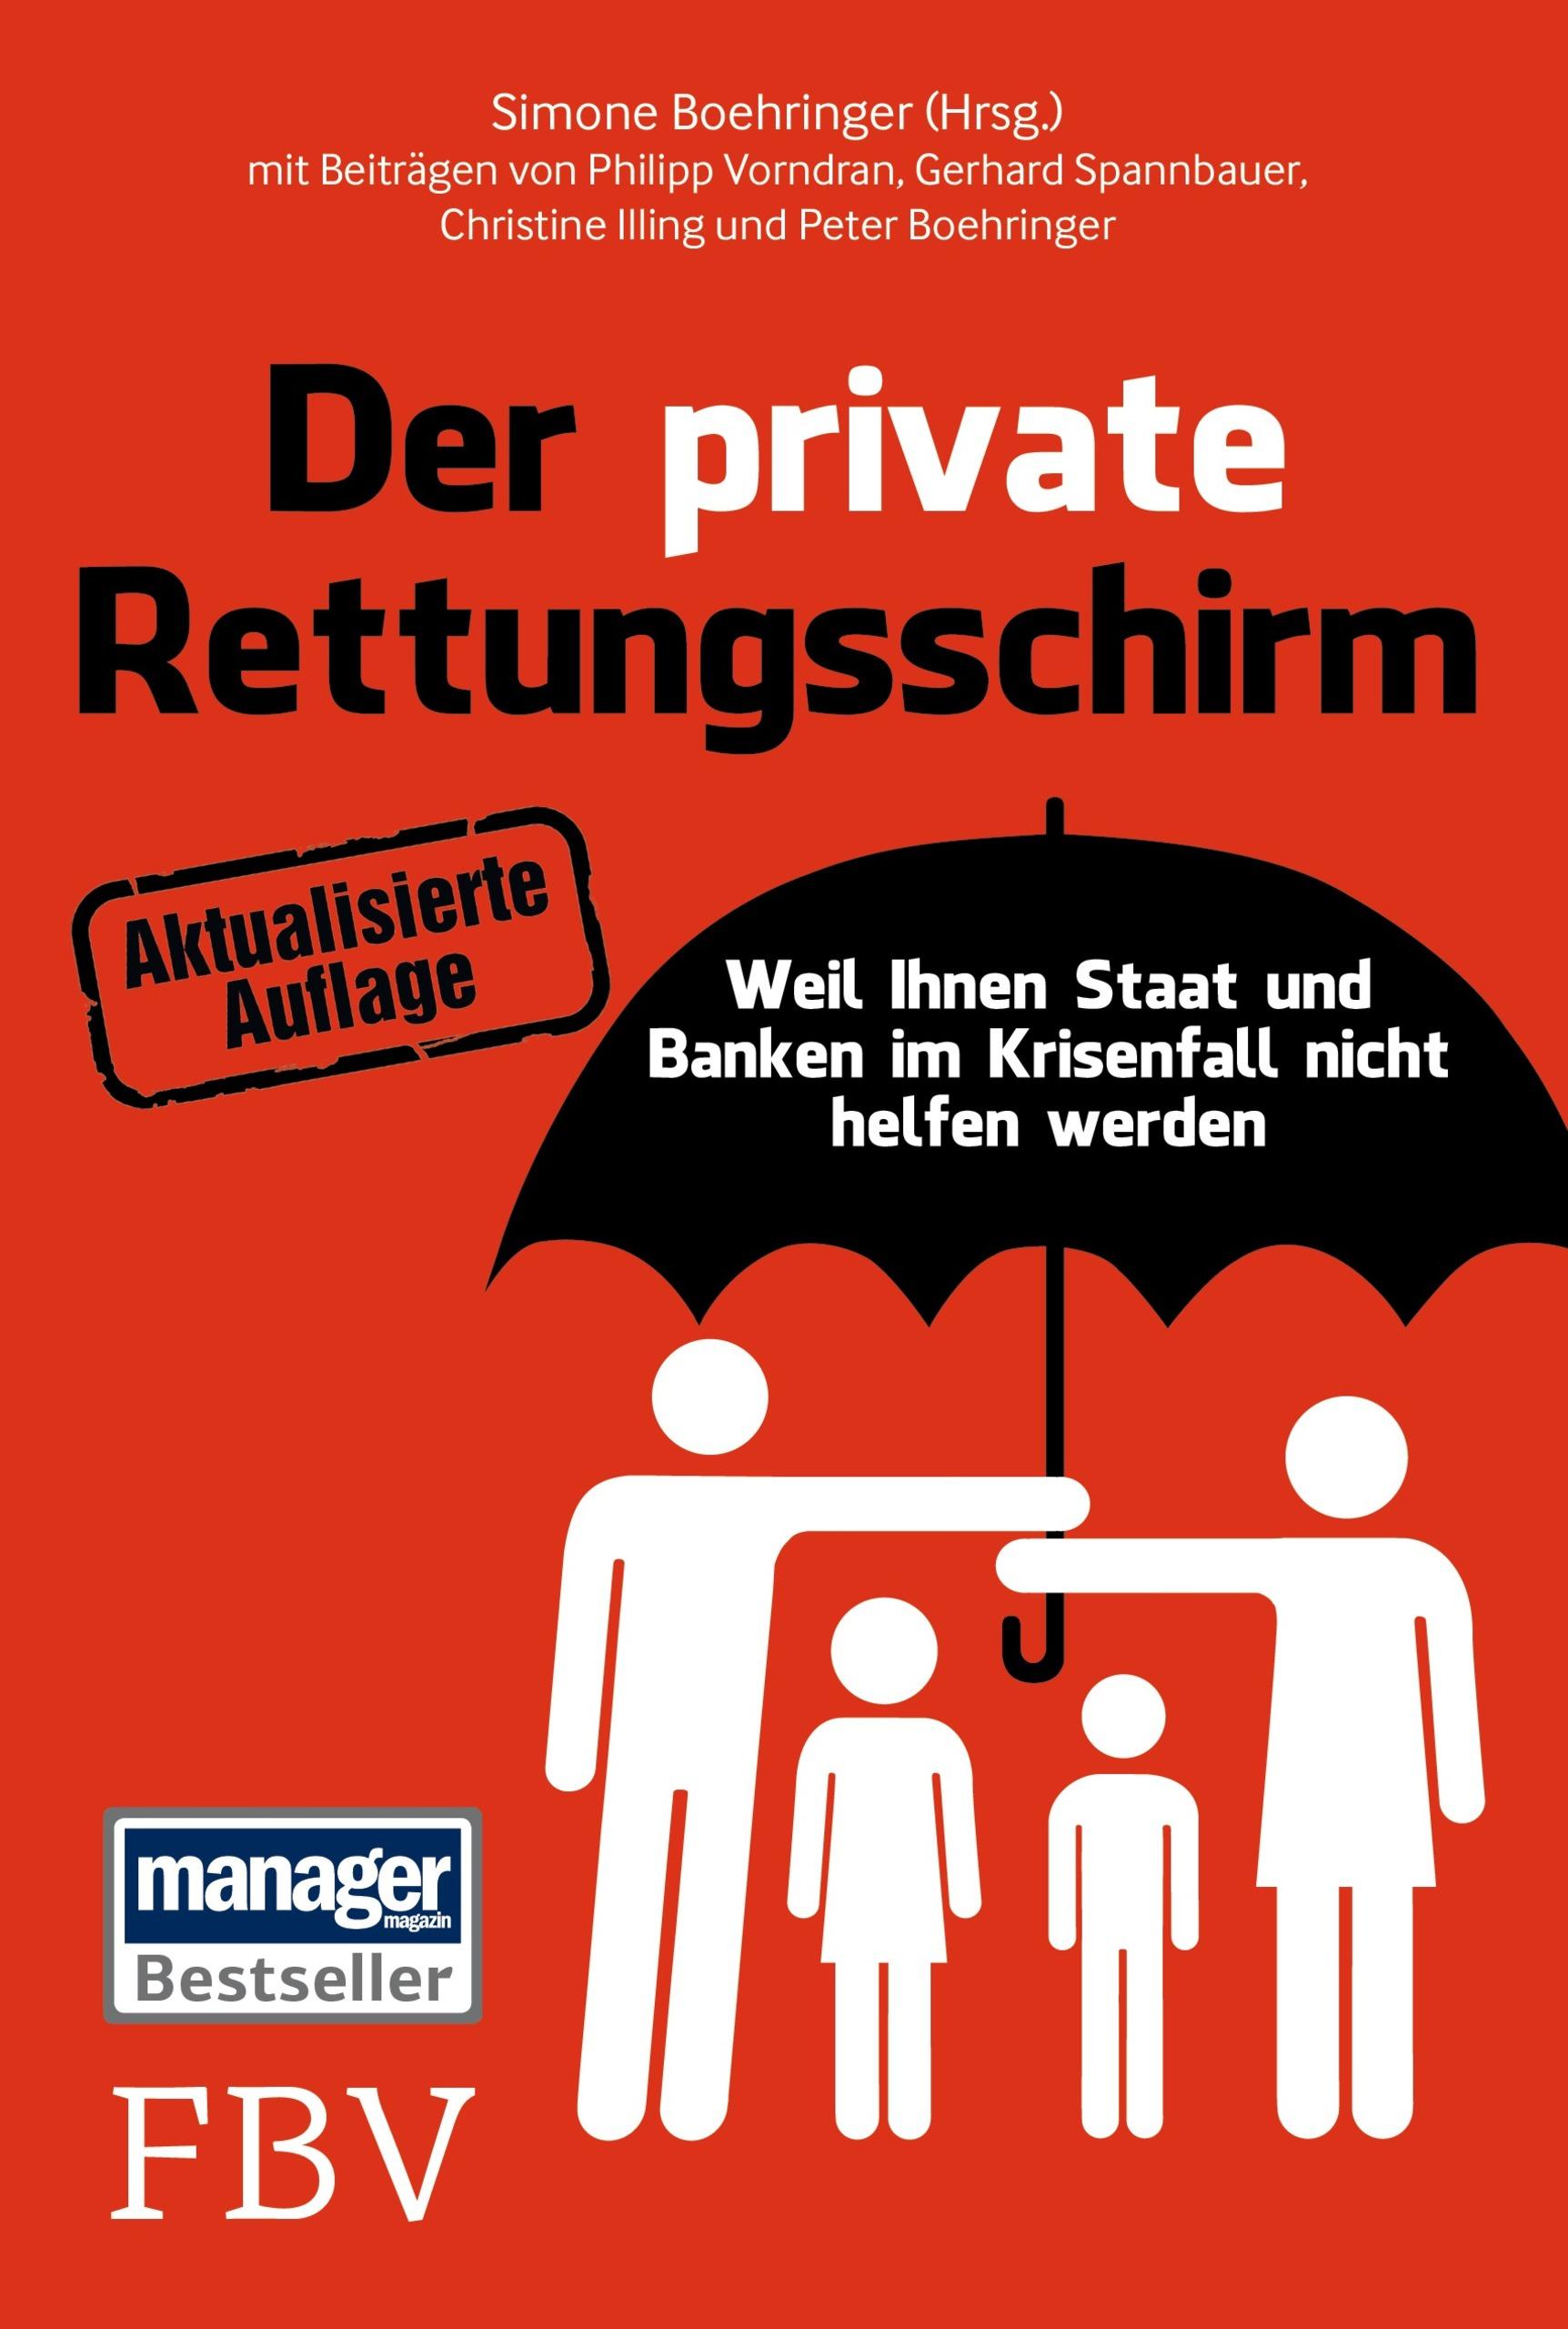 Der private Rettungsschirm Peter Boehringer